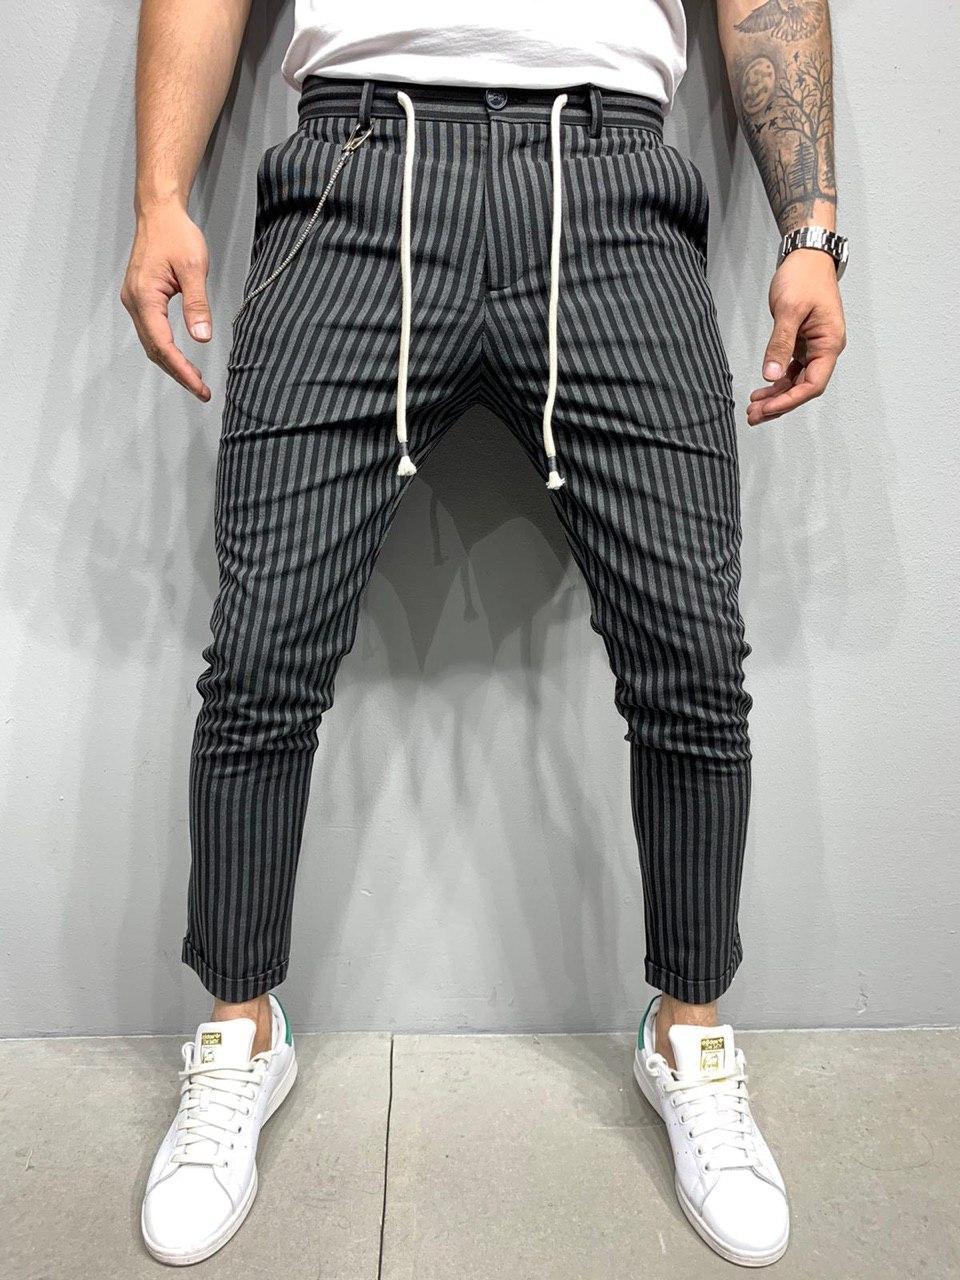 Брюки мужские стильные укороченные черные в серую полоску